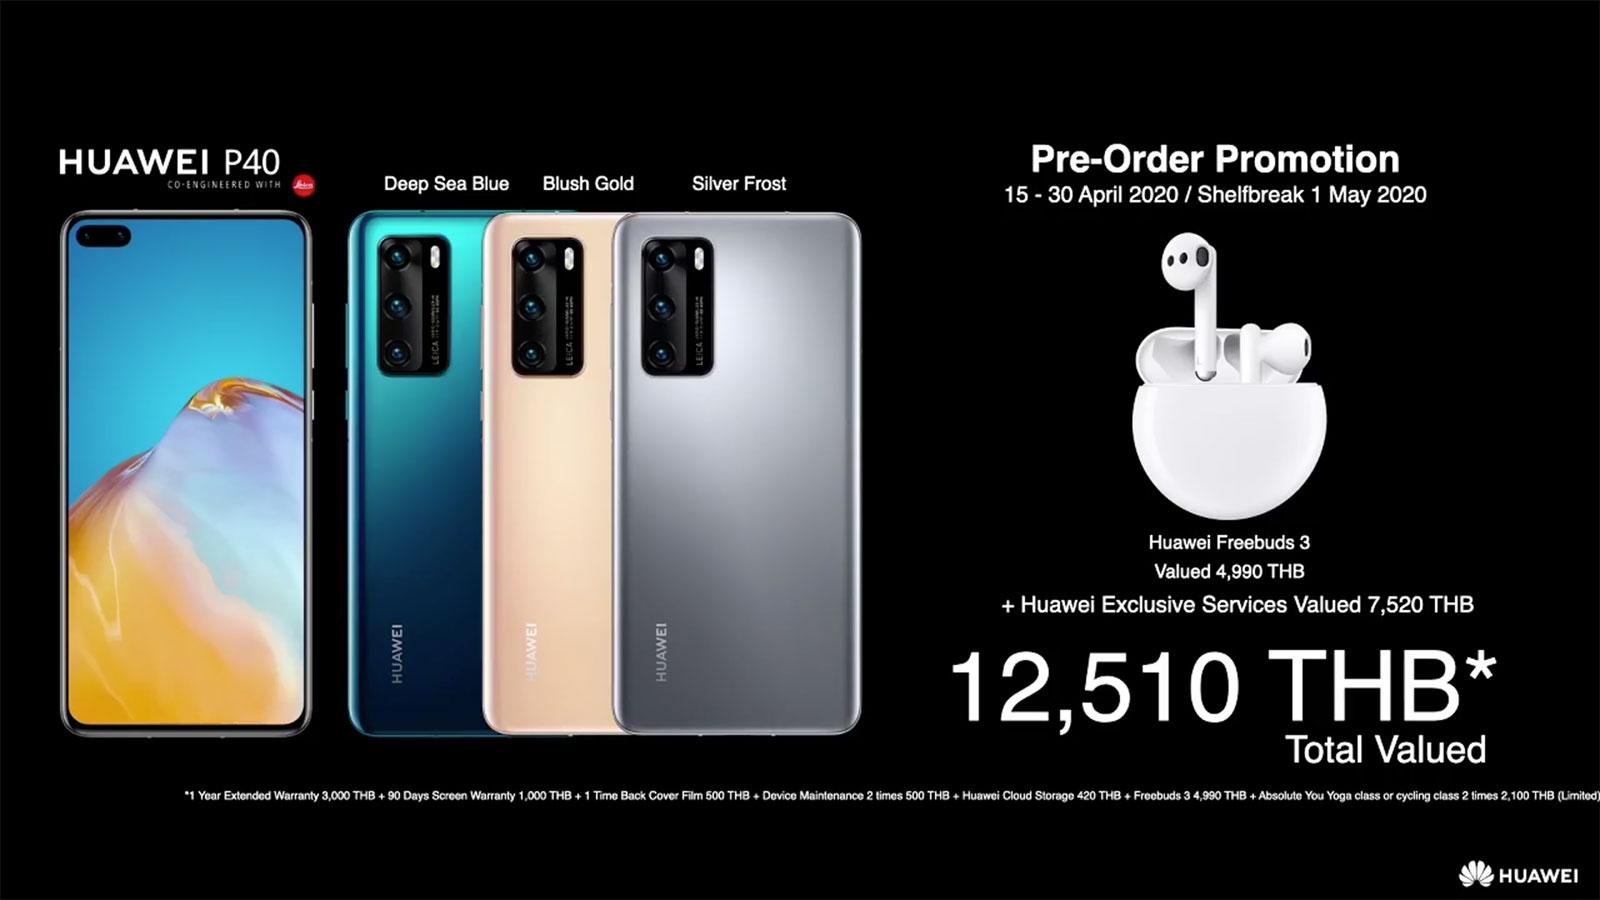 Huawei-P40-Price-Promotion